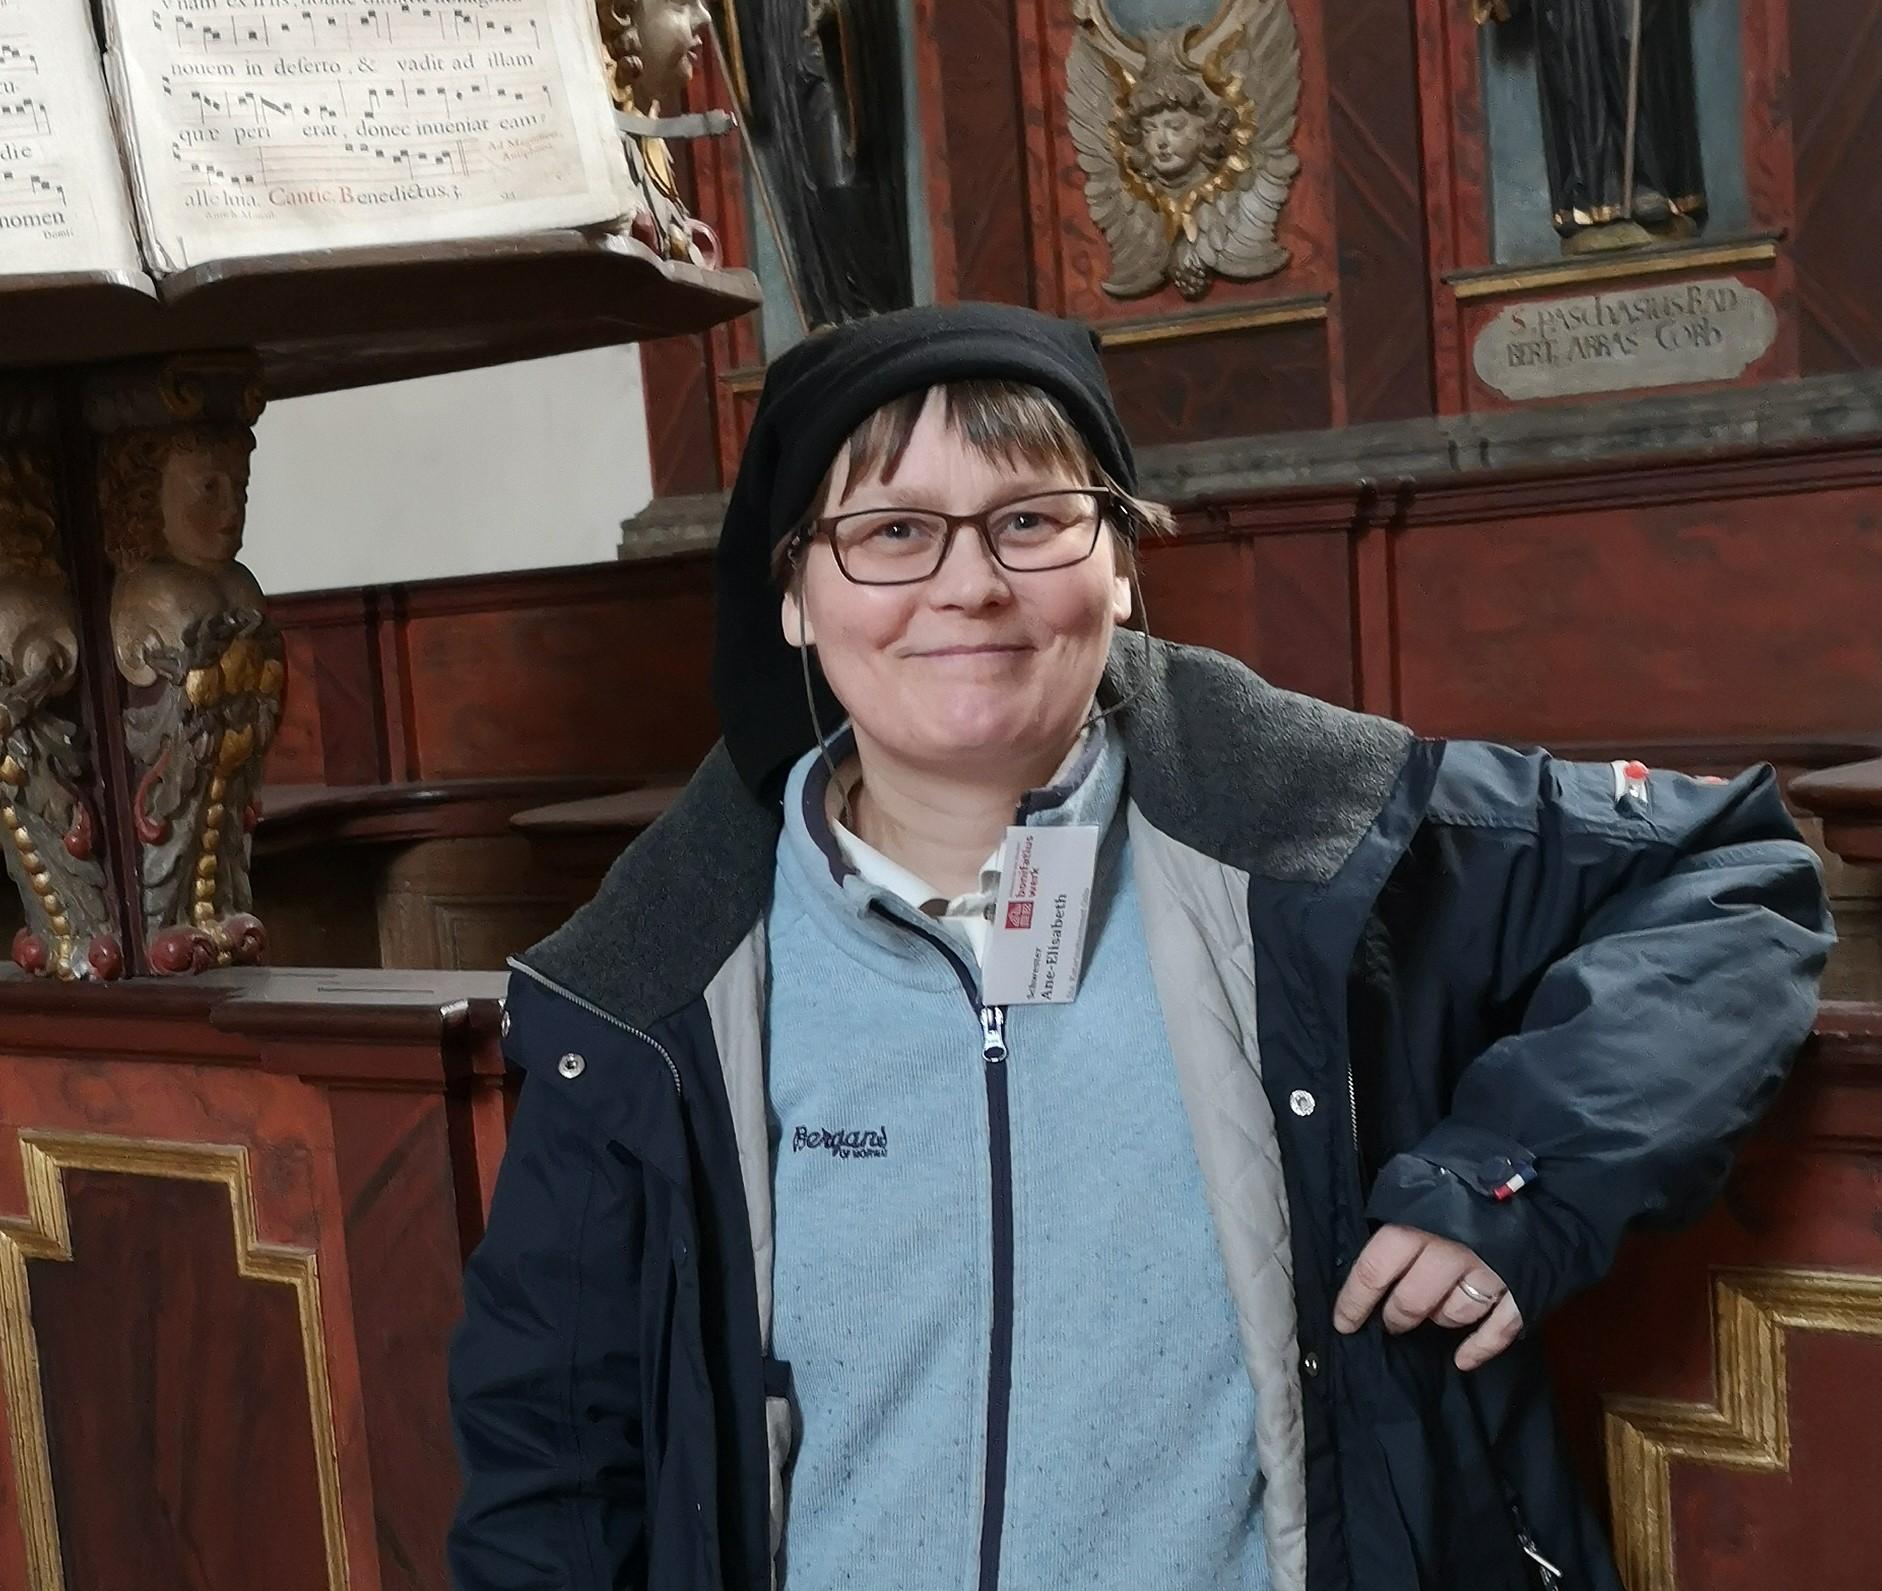 Sr. Ane-Elisabet aus dem Kloster Katarinahjemmet in Oslo ist die Mentorin für die Bonifatius-Praktikanten (Foto: Julia Jesse)